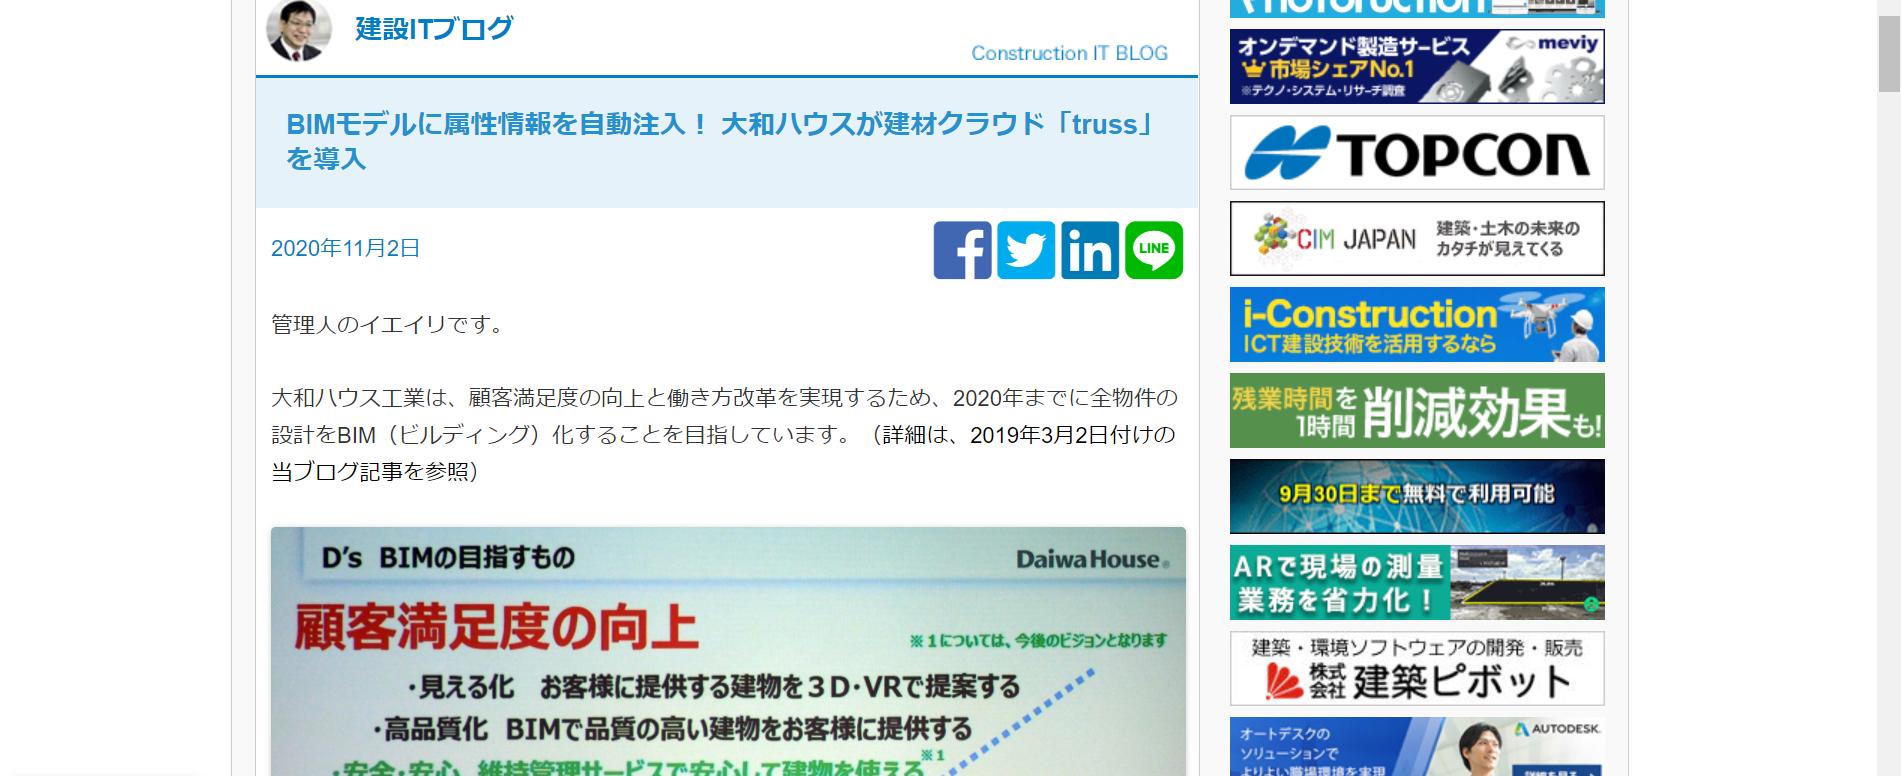 家入龍太さん『建設ITワールド』に弊社ニュースが掲載されました